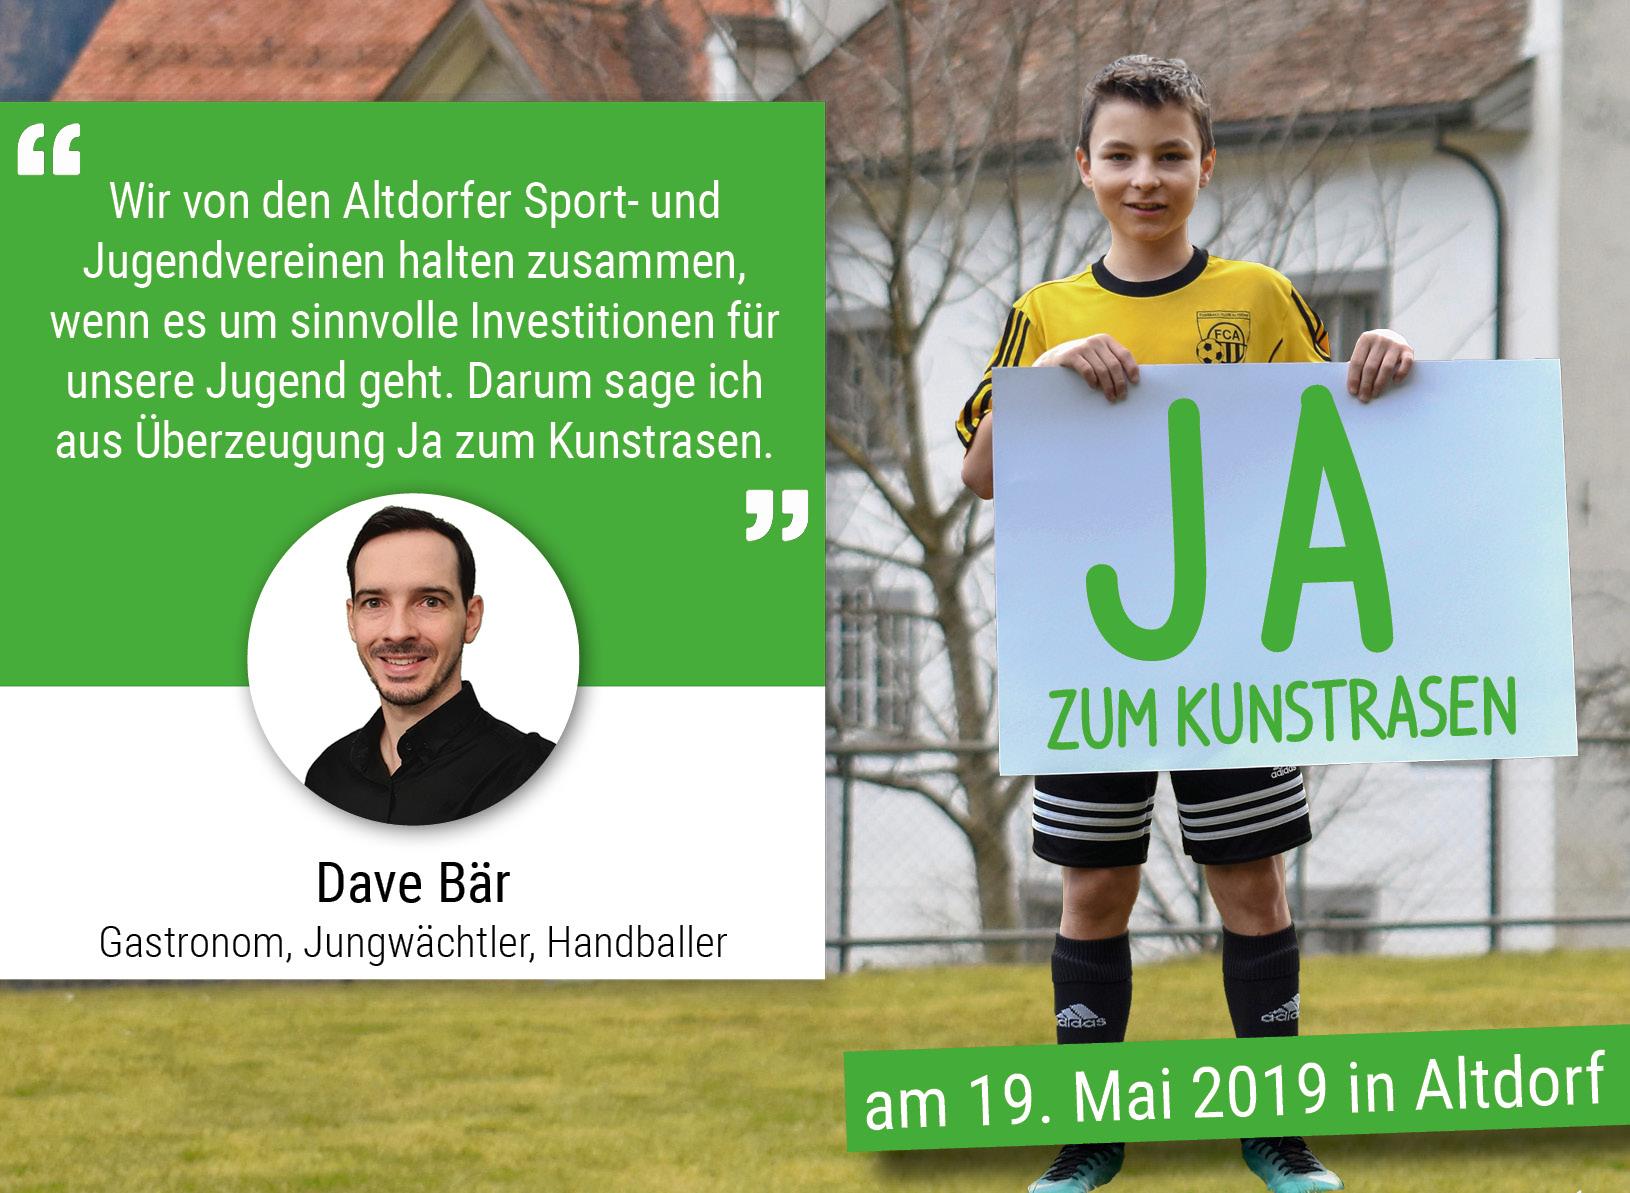 Dave Bär